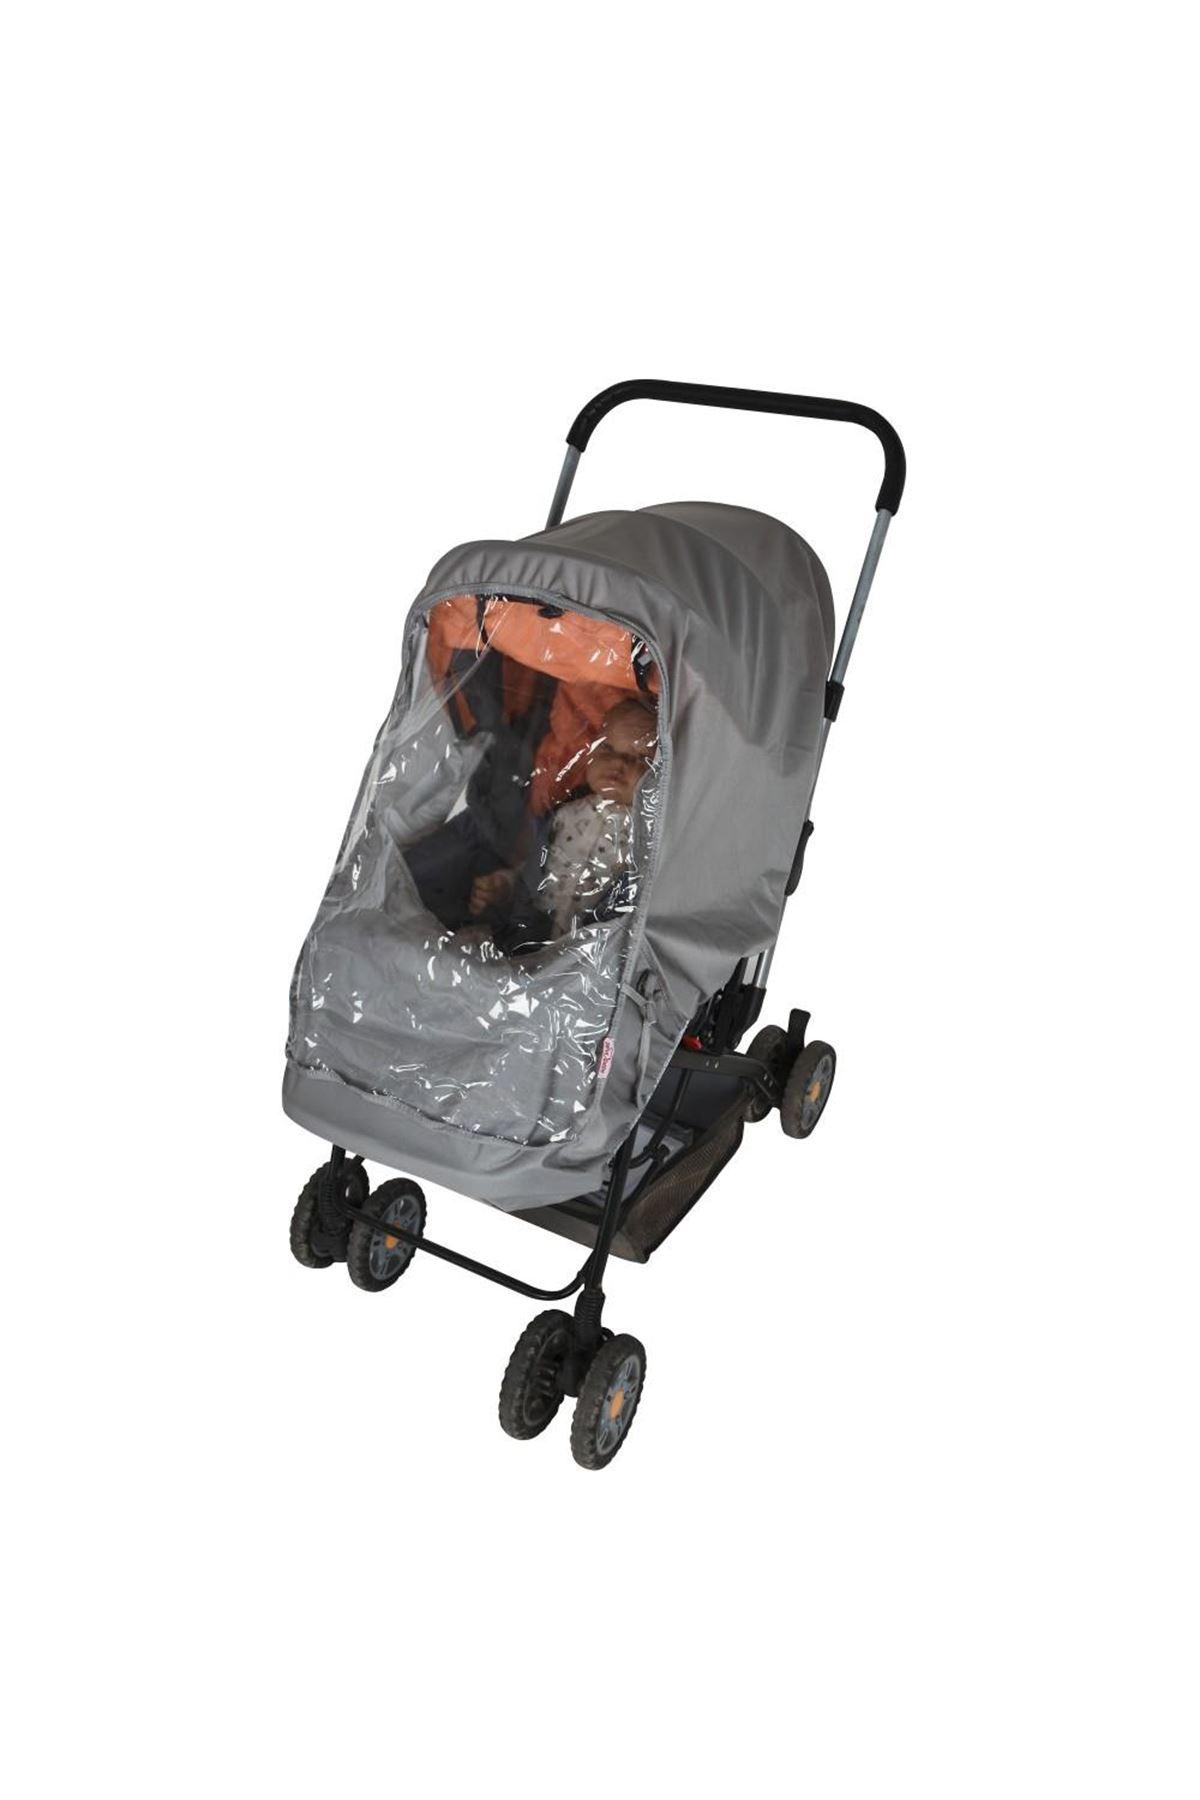 Sevi Bebe Lüks Bebek Arabası Puset Yağmurluğu ART-320